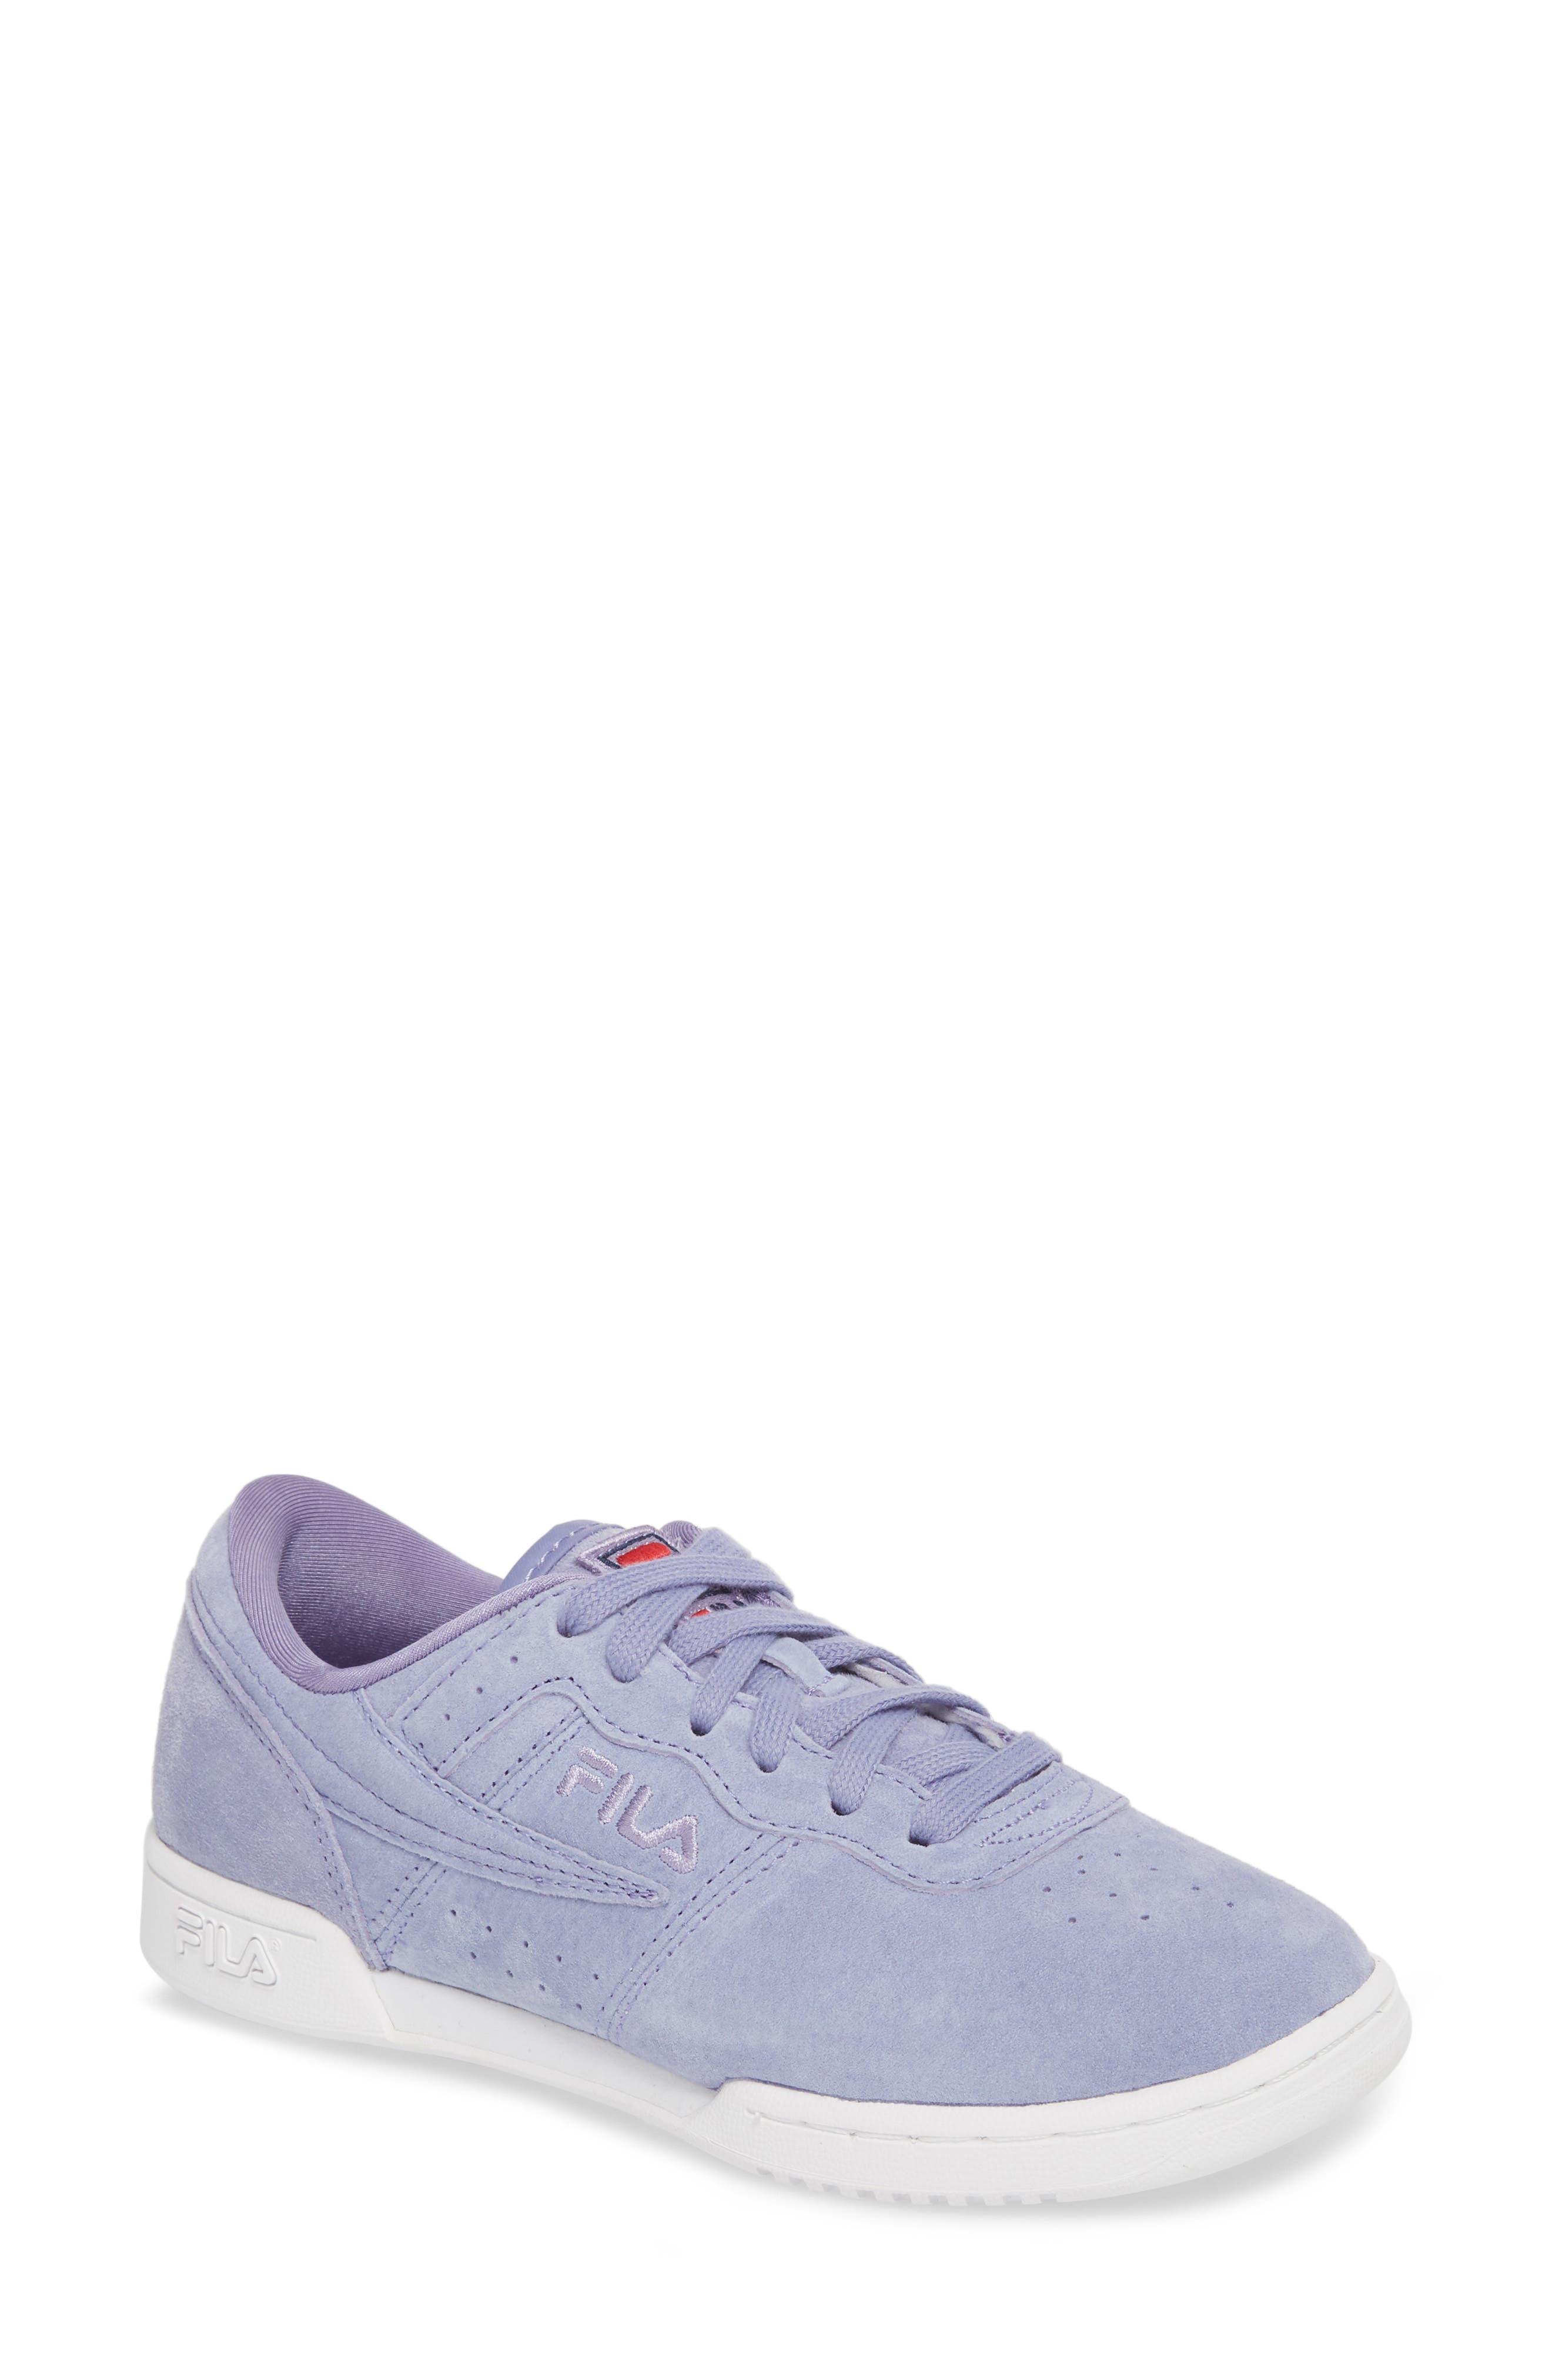 Original Fitness Premium Sneaker,                             Main thumbnail 1, color,                             SLAV/ SLAV/ WHT